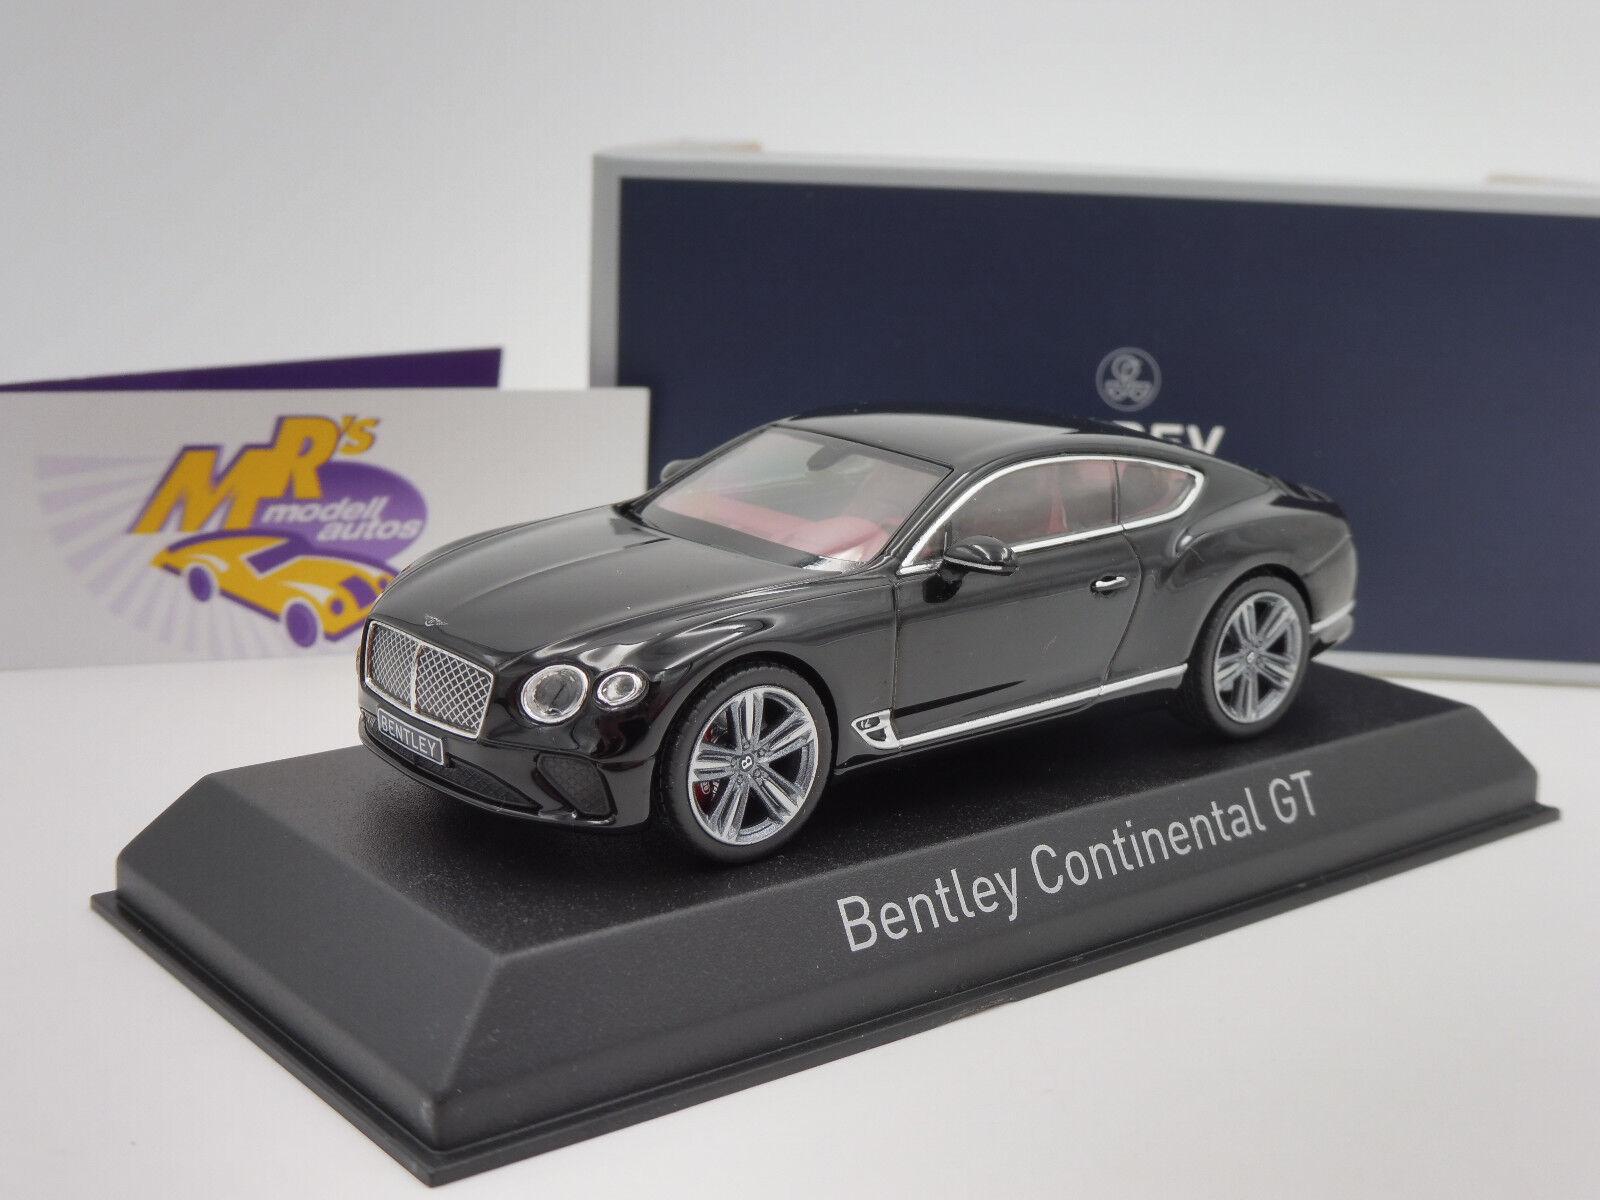 NOREV 270320   BENTLEY BENTLEY BENTLEY Continental GT Année 2018  Noir Metallic  1 43 NEUF e9e71e